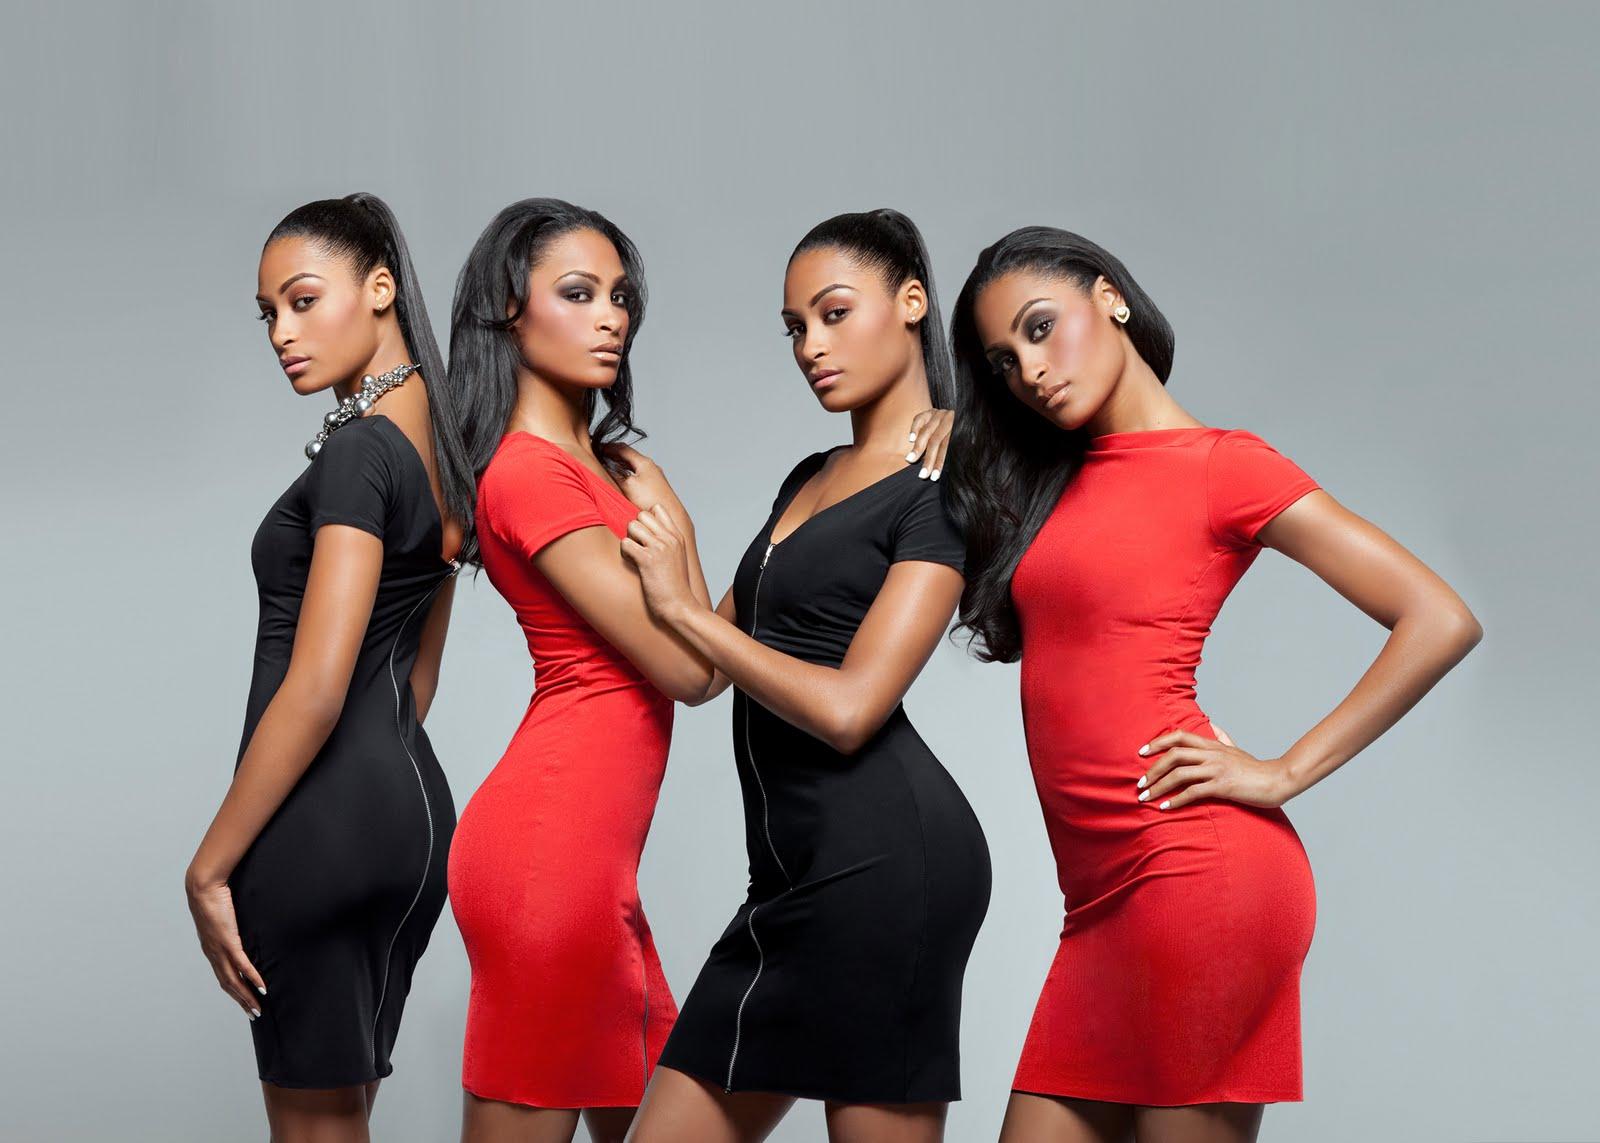 http://2.bp.blogspot.com/_eV-6kx8lqqg/TJQsHFJT5KI/AAAAAAAAAnE/1kqdRbl3RhY/s1600/Mychael+Knight+Two+Squared+Dress.jpg